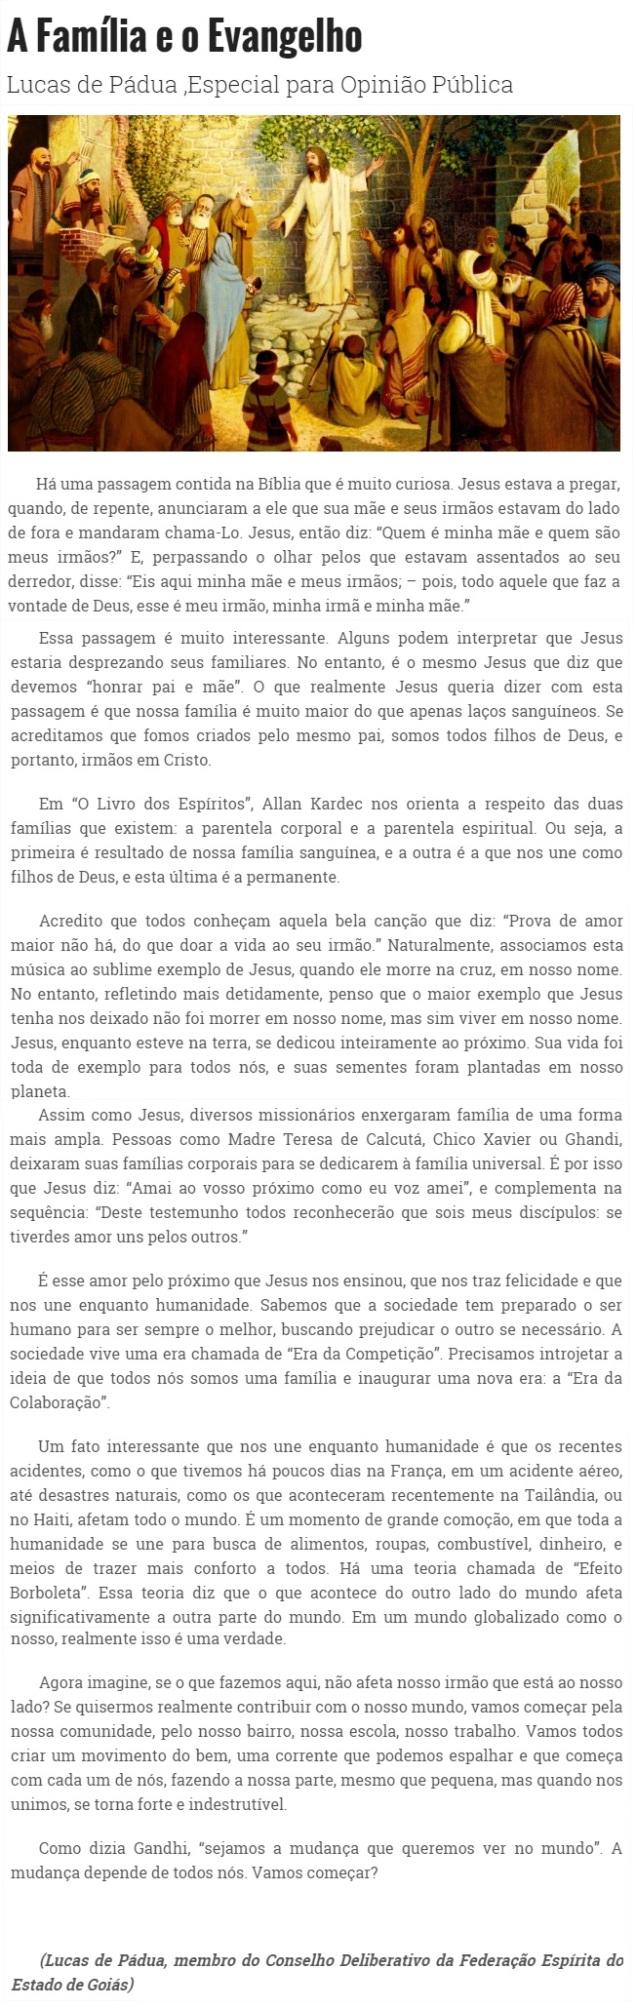 DM 13-04-2015 - A família e o Evangelho - Lucas de Pádua